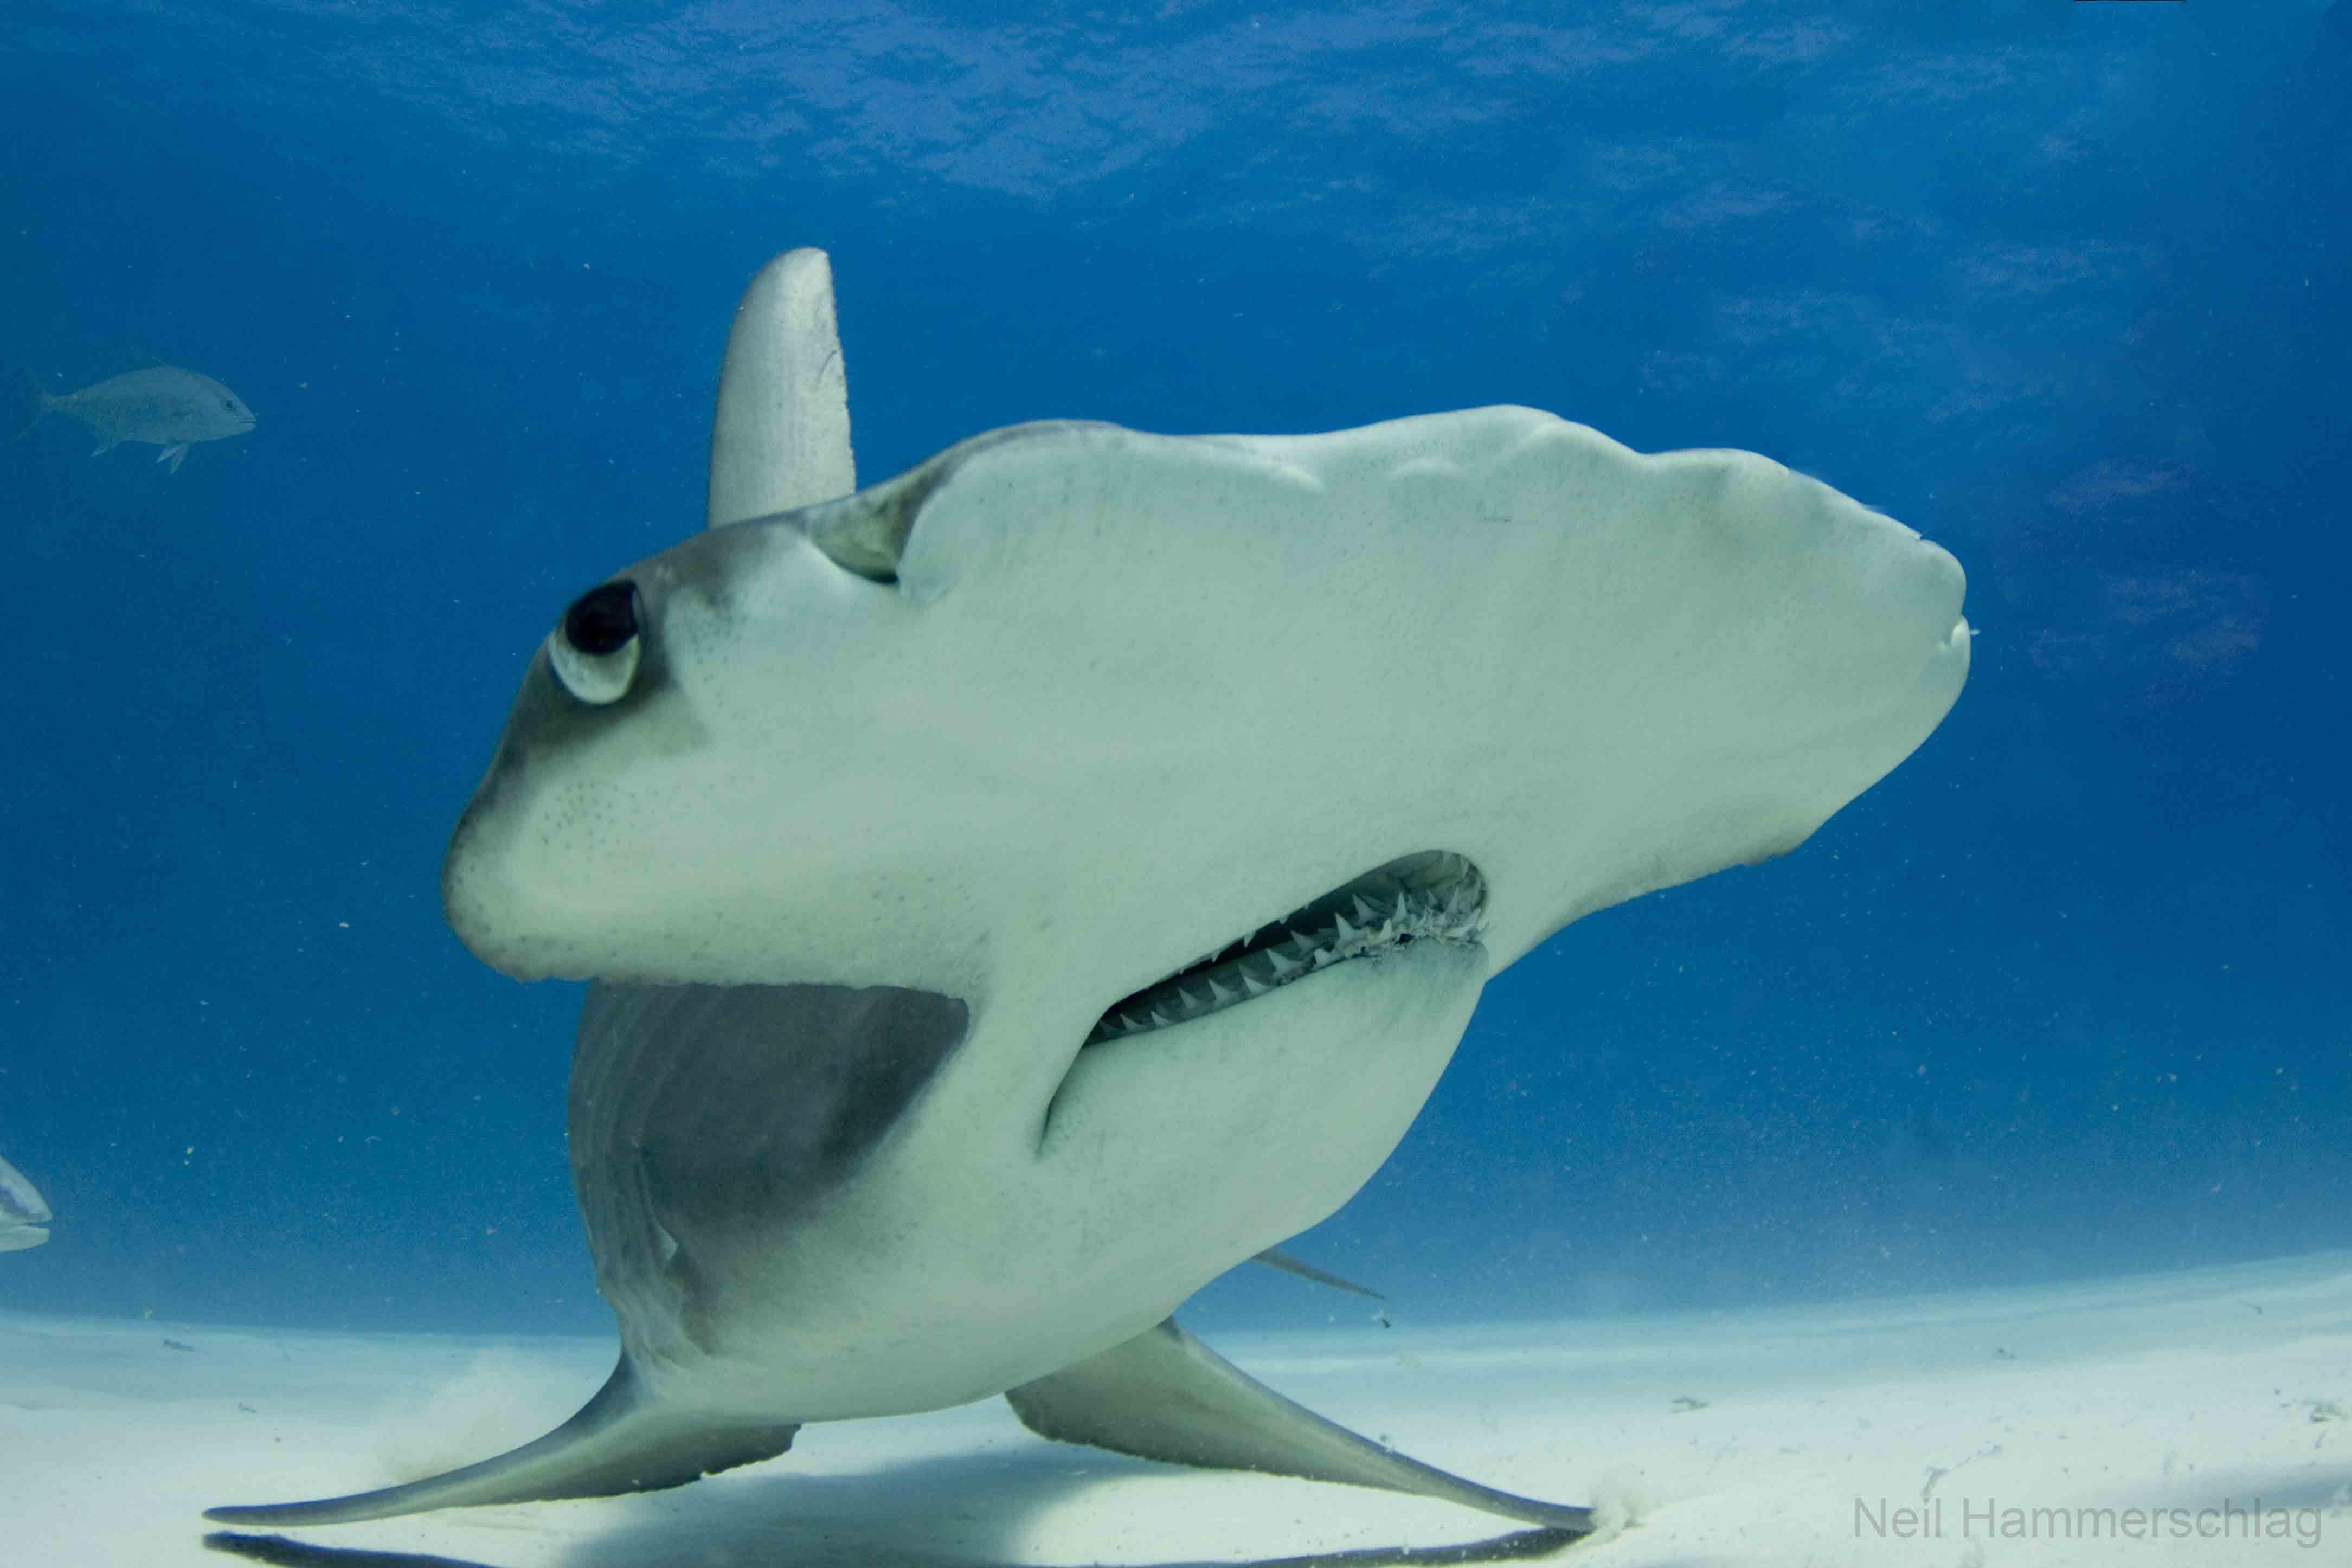 4338x2892 > Hammerhead Shark Wallpapers